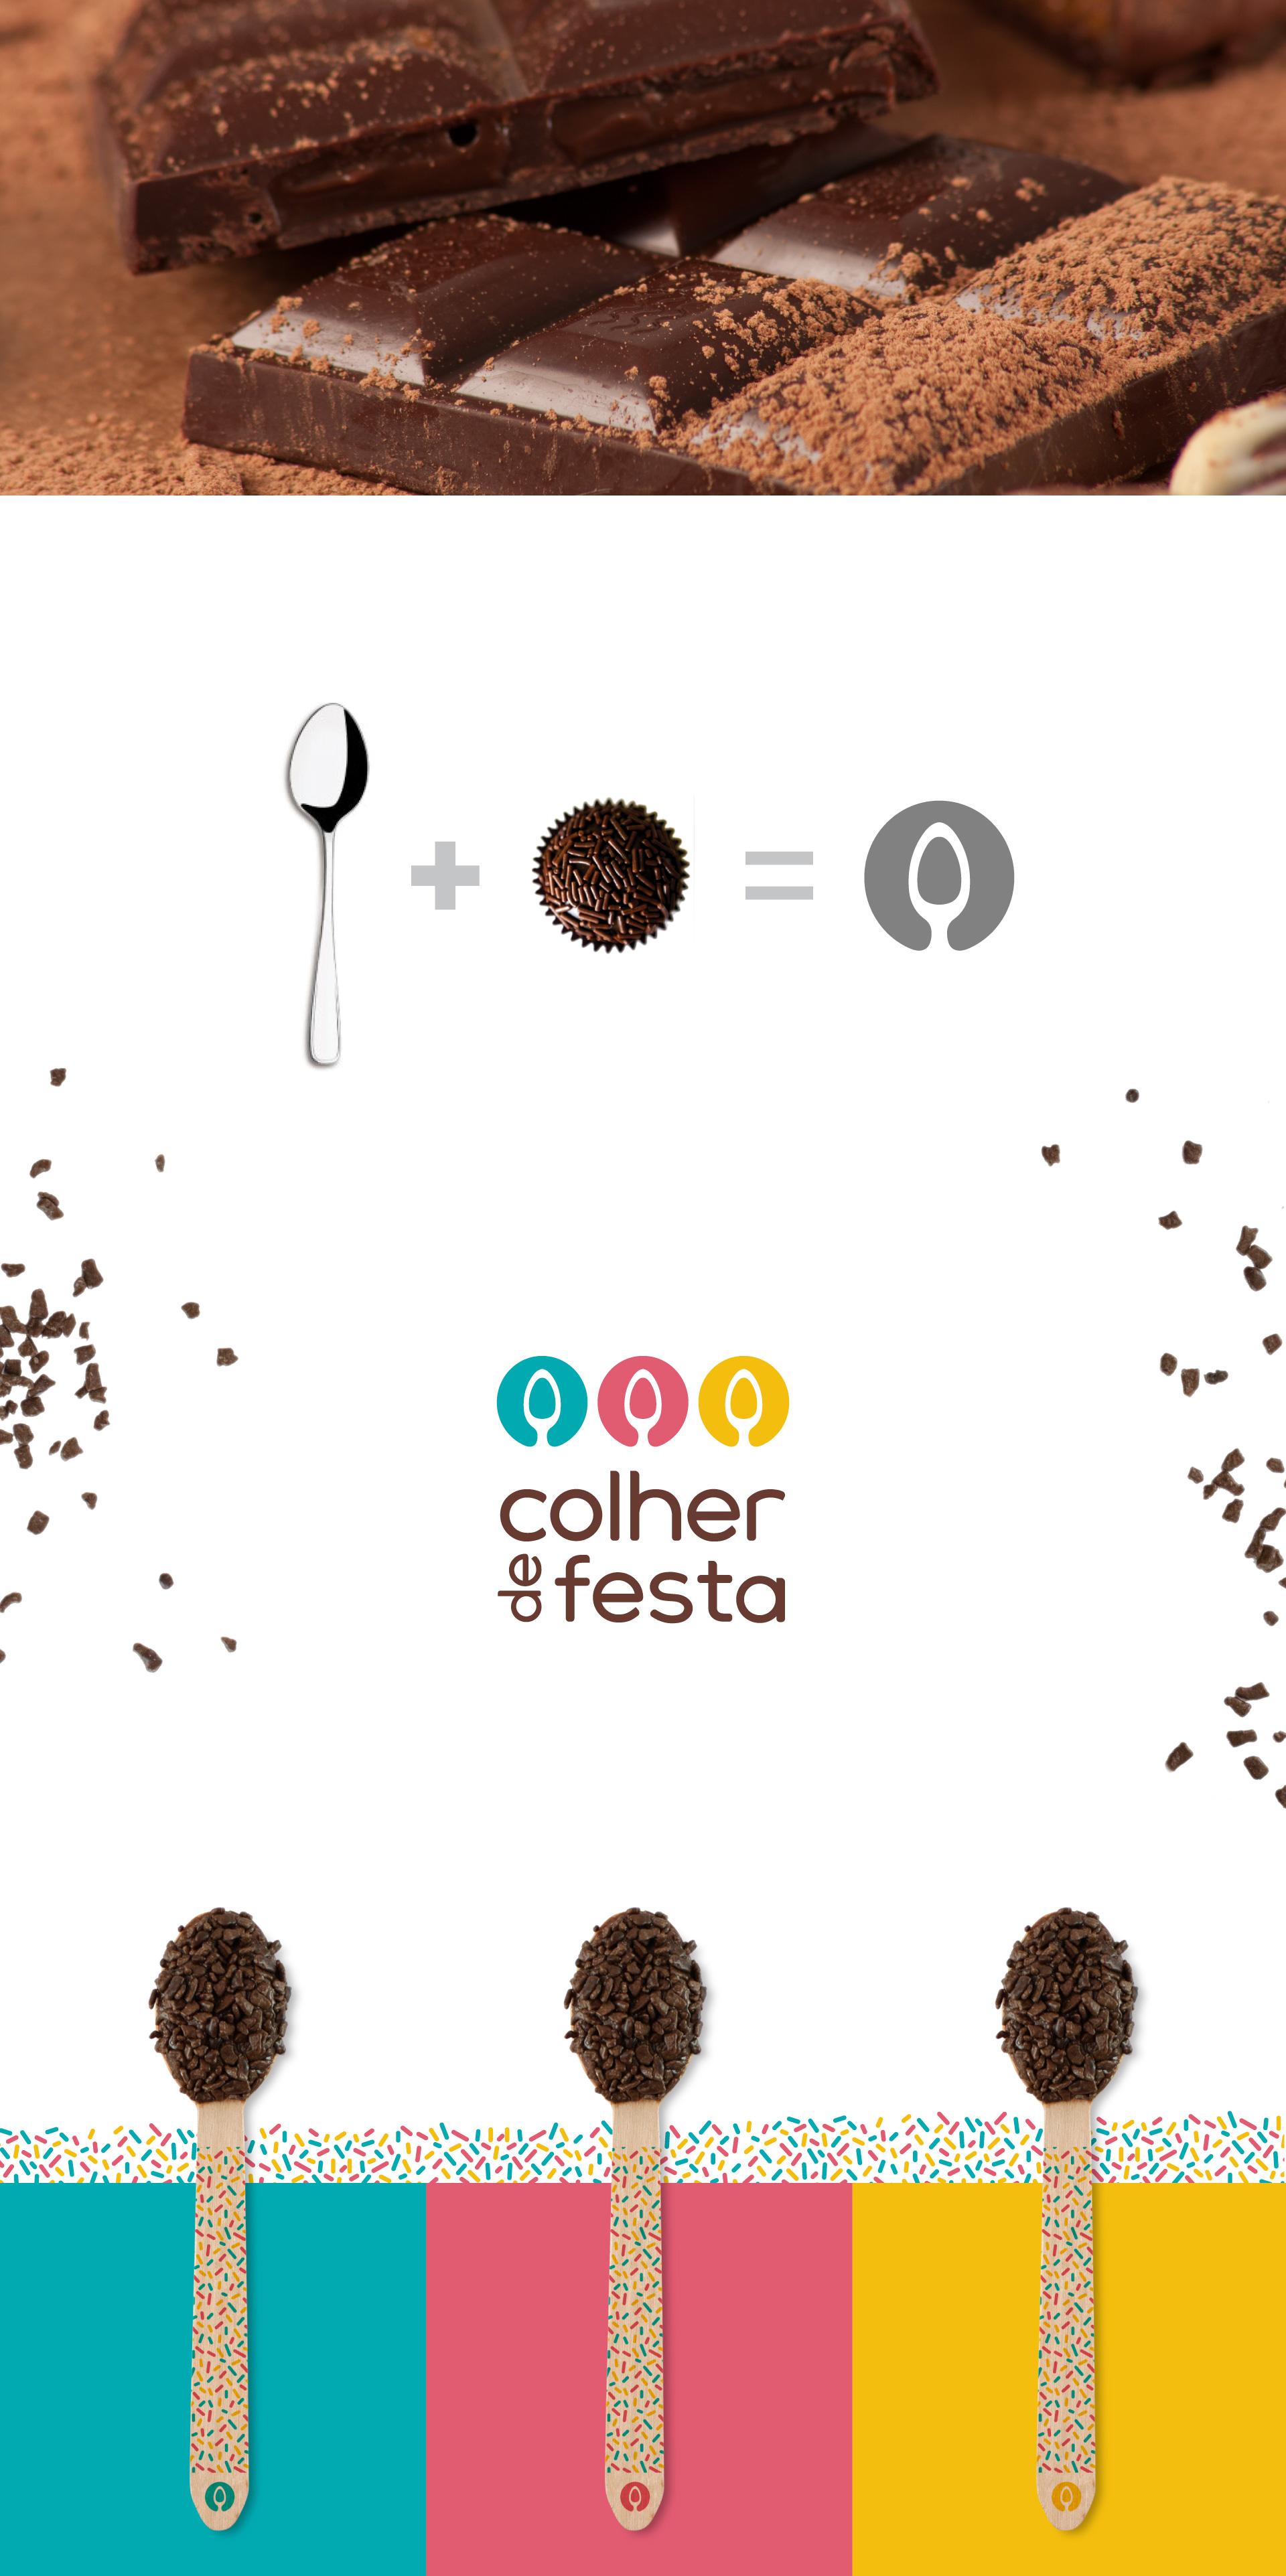 Branding-Colher-de-Festa-01jpg